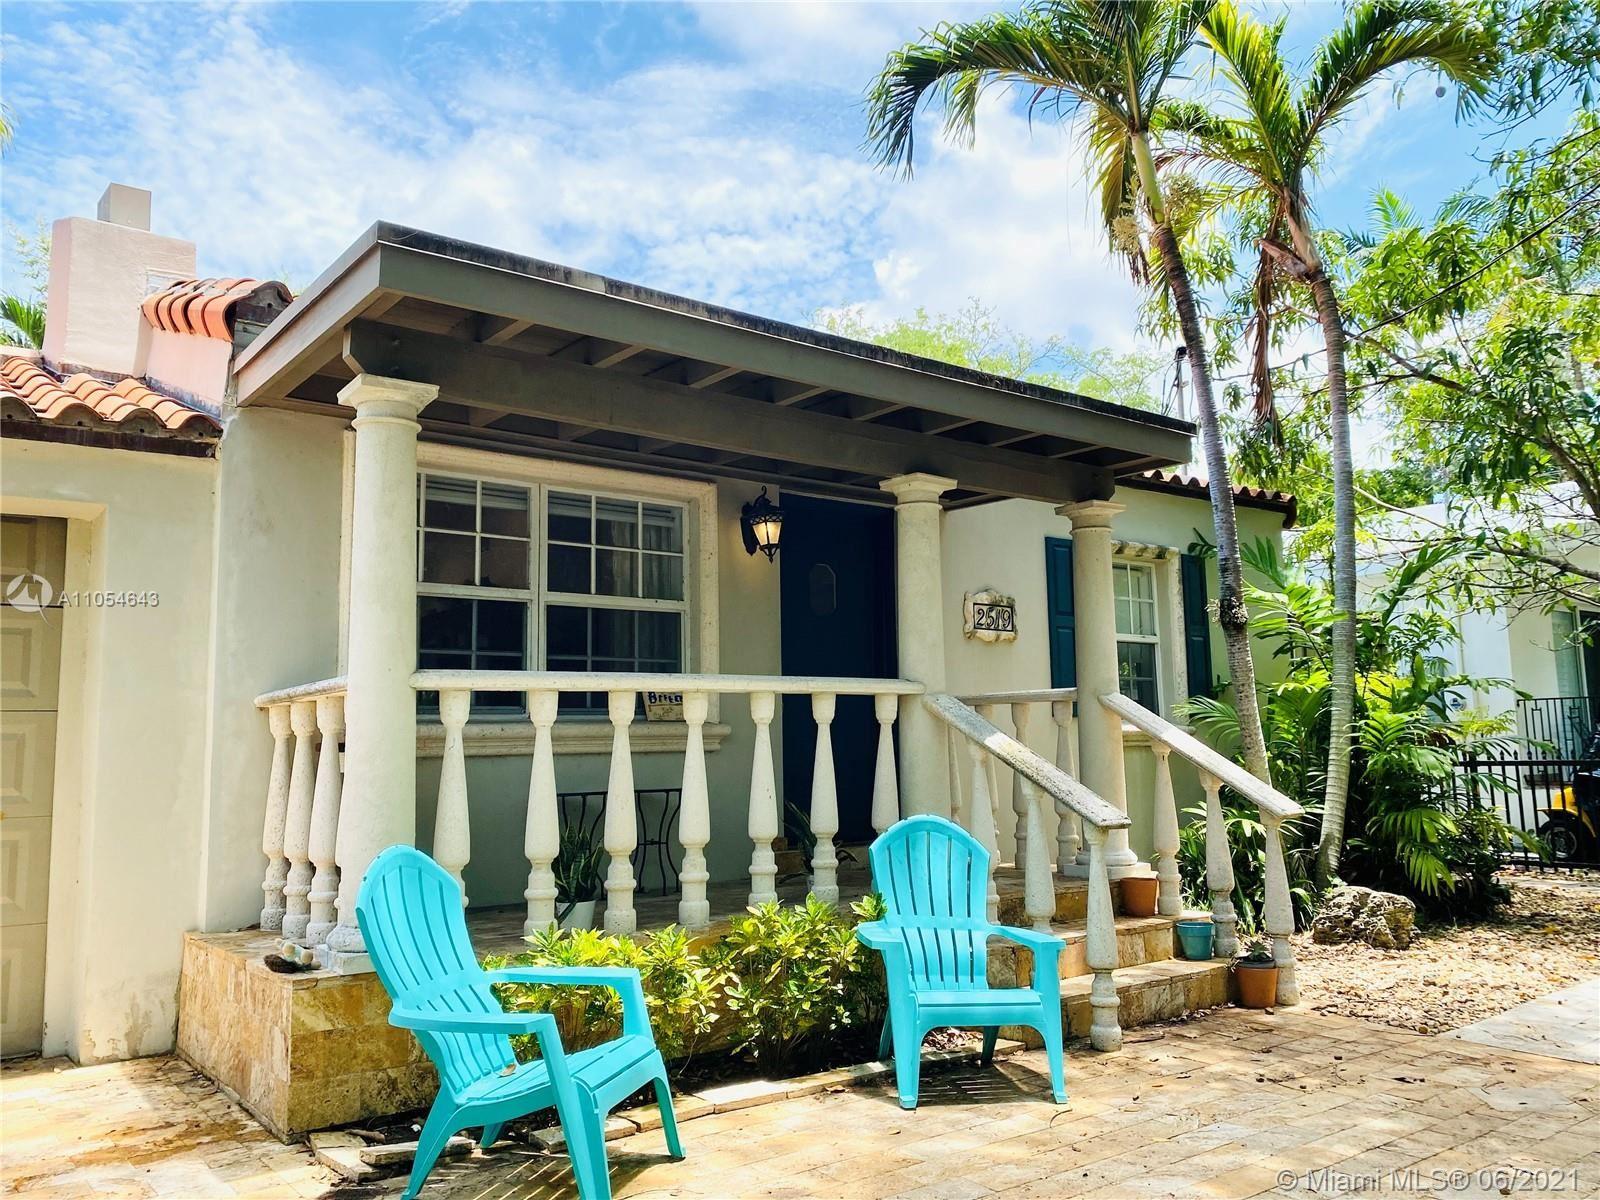 2519 Tequesta Ln, Miami, FL 33133 - #: A11054643